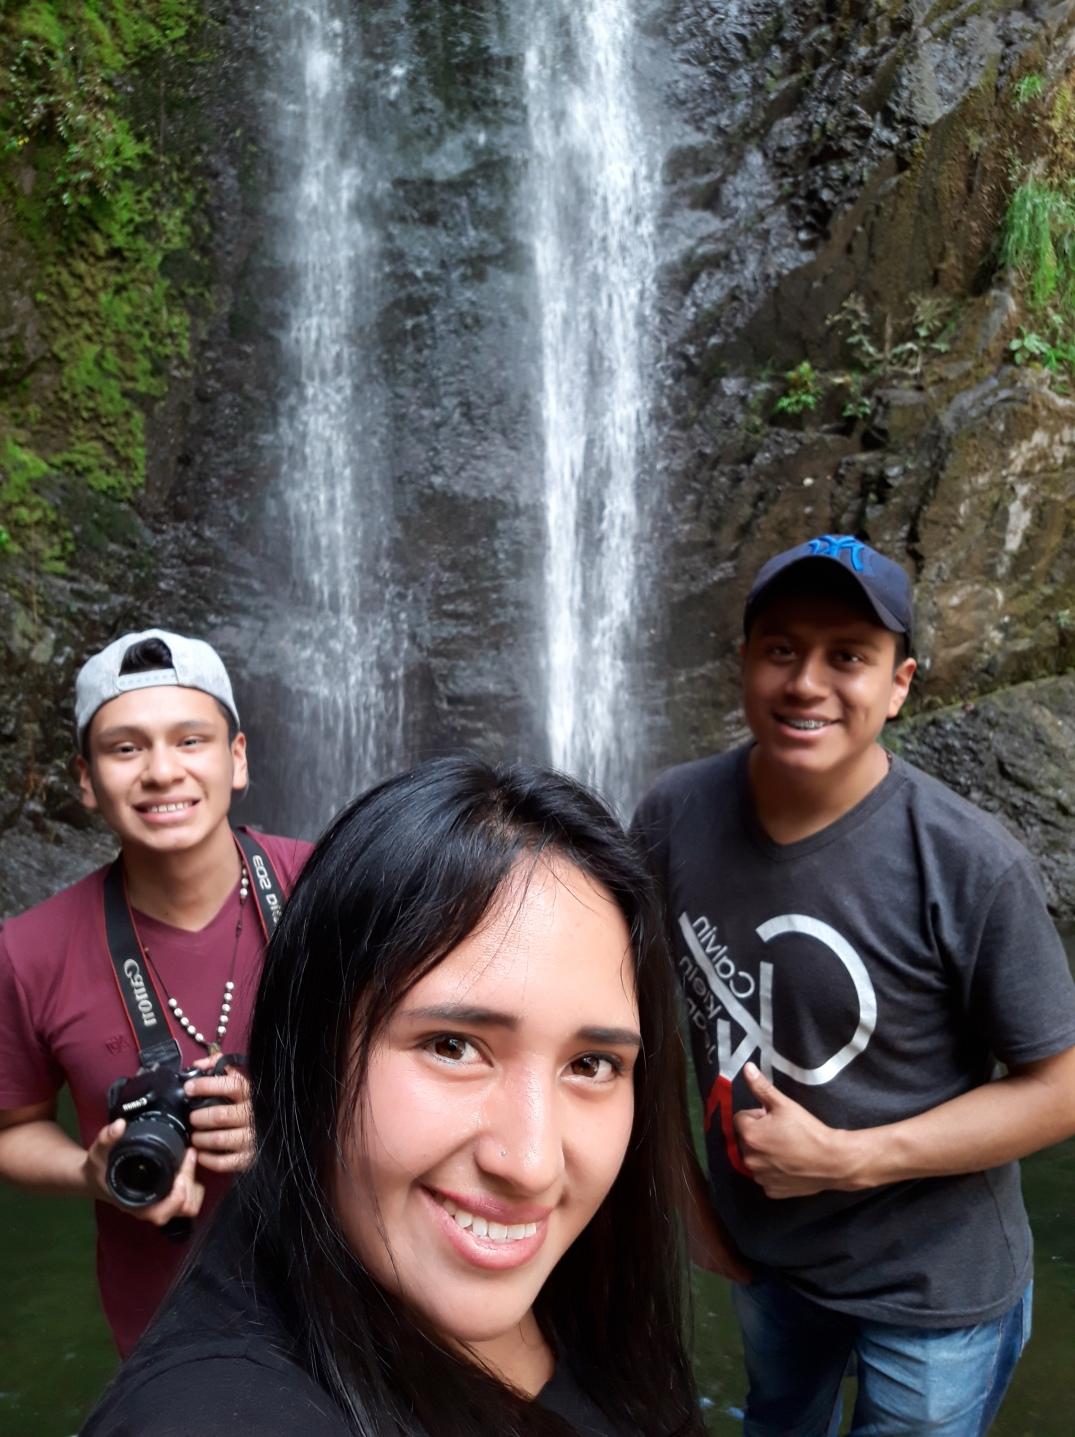 El entusiasmo de los estudiantes al llegar por primera vez a la cascada al Verdum